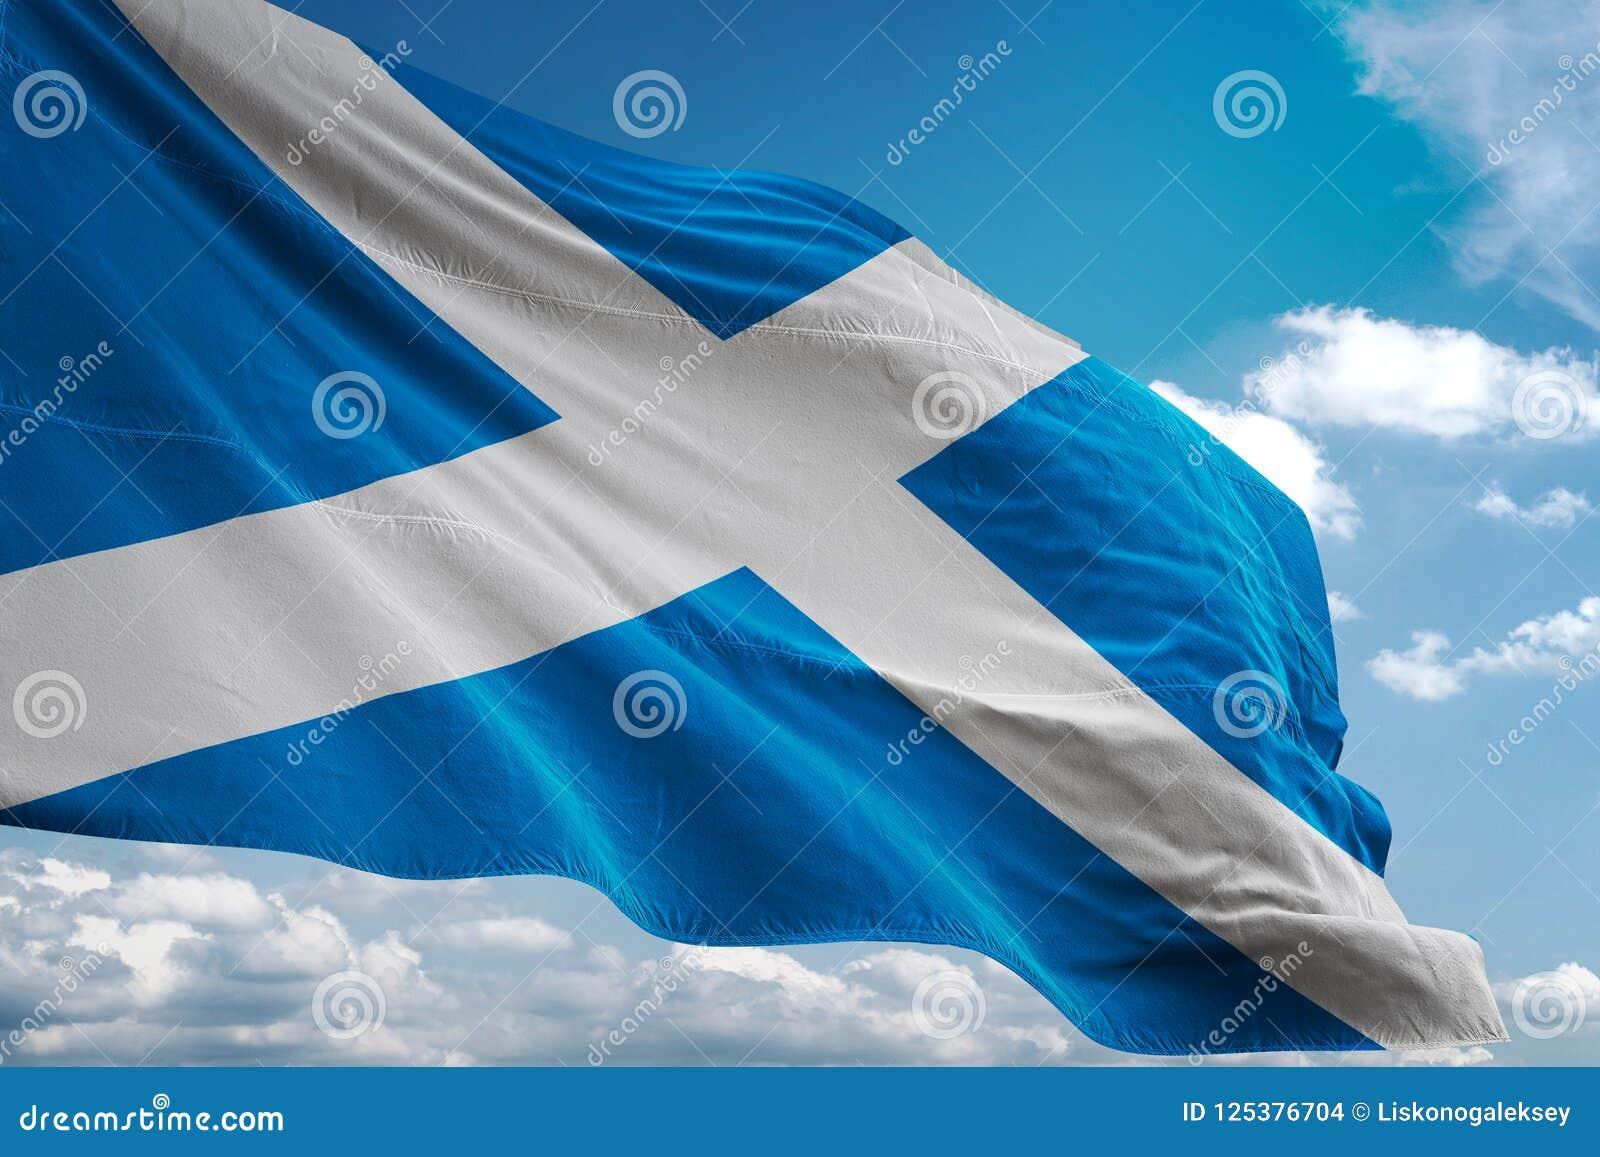 Bandeira nacional de Escócia que acena a ilustração 3d realística do fundo do céu azul